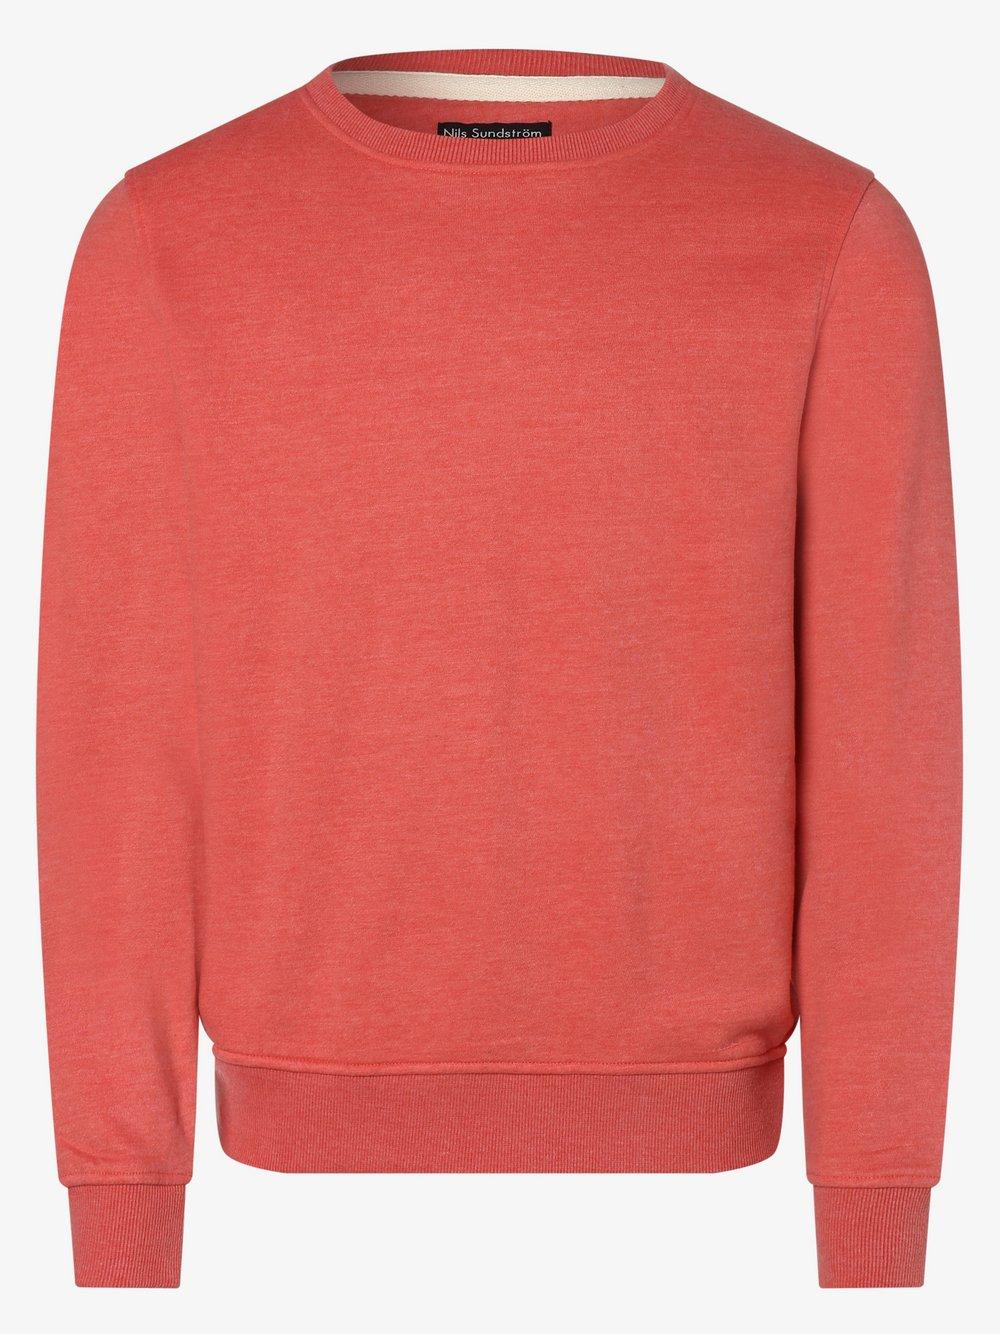 Nils Sundström - Męska bluza nierozpinana, czerwony